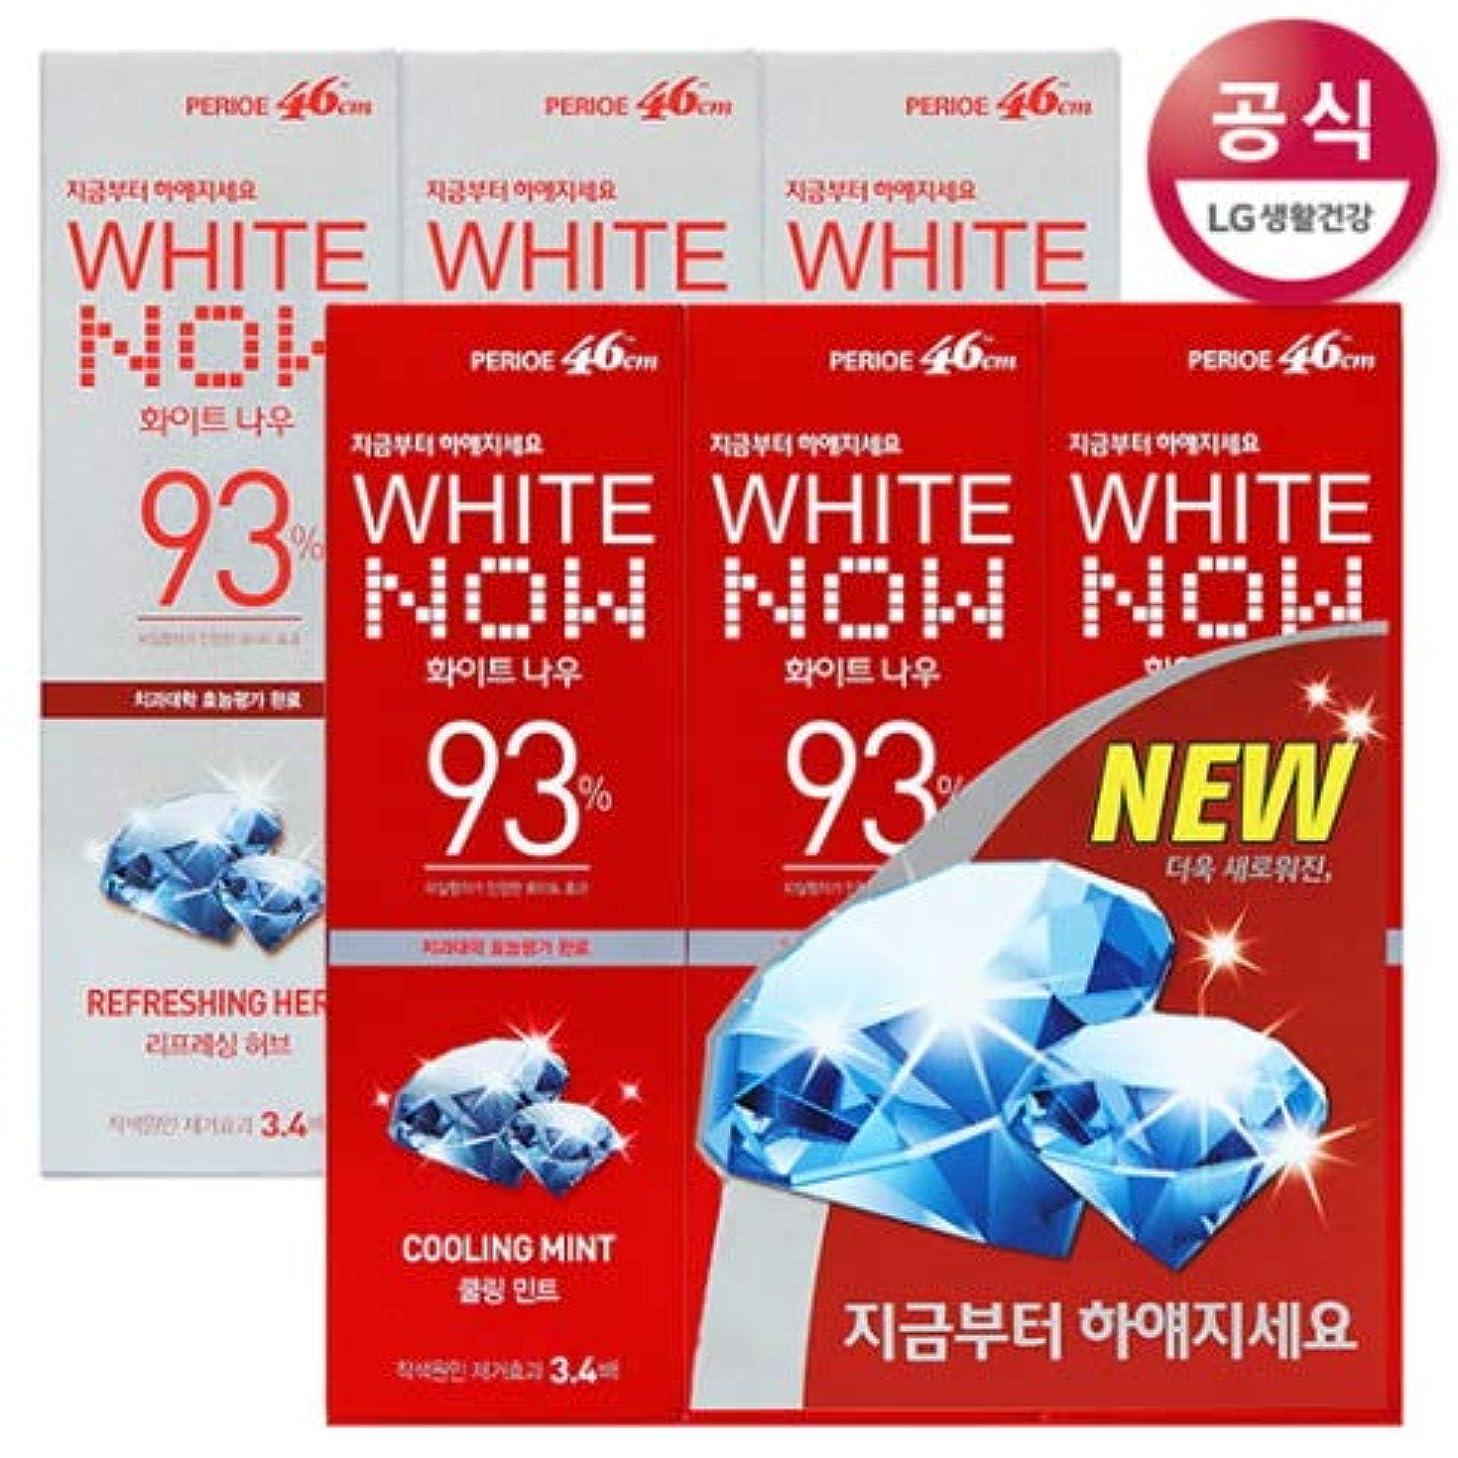 統計サロンヒップ[LG HnB] Perio White Nau Toothpaste/ペリオホワイトナウ歯磨き粉 100gx6個(海外直送品)